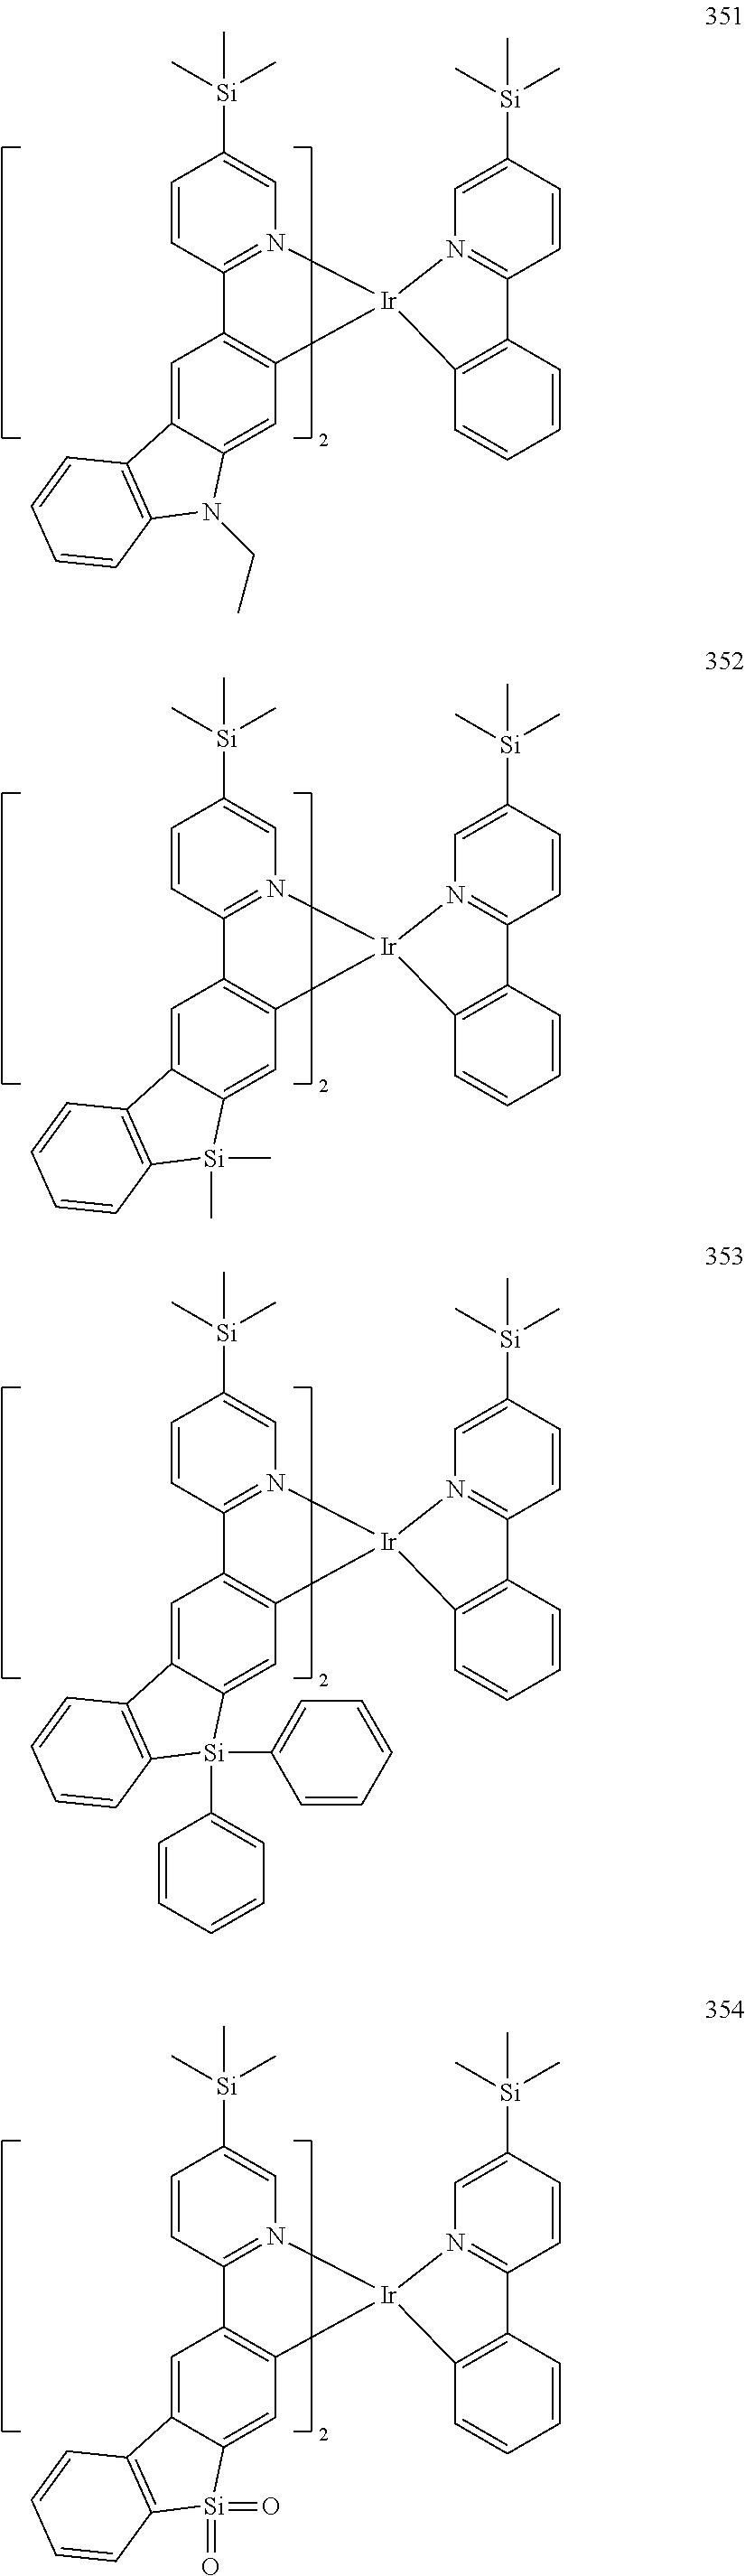 Figure US20160155962A1-20160602-C00427